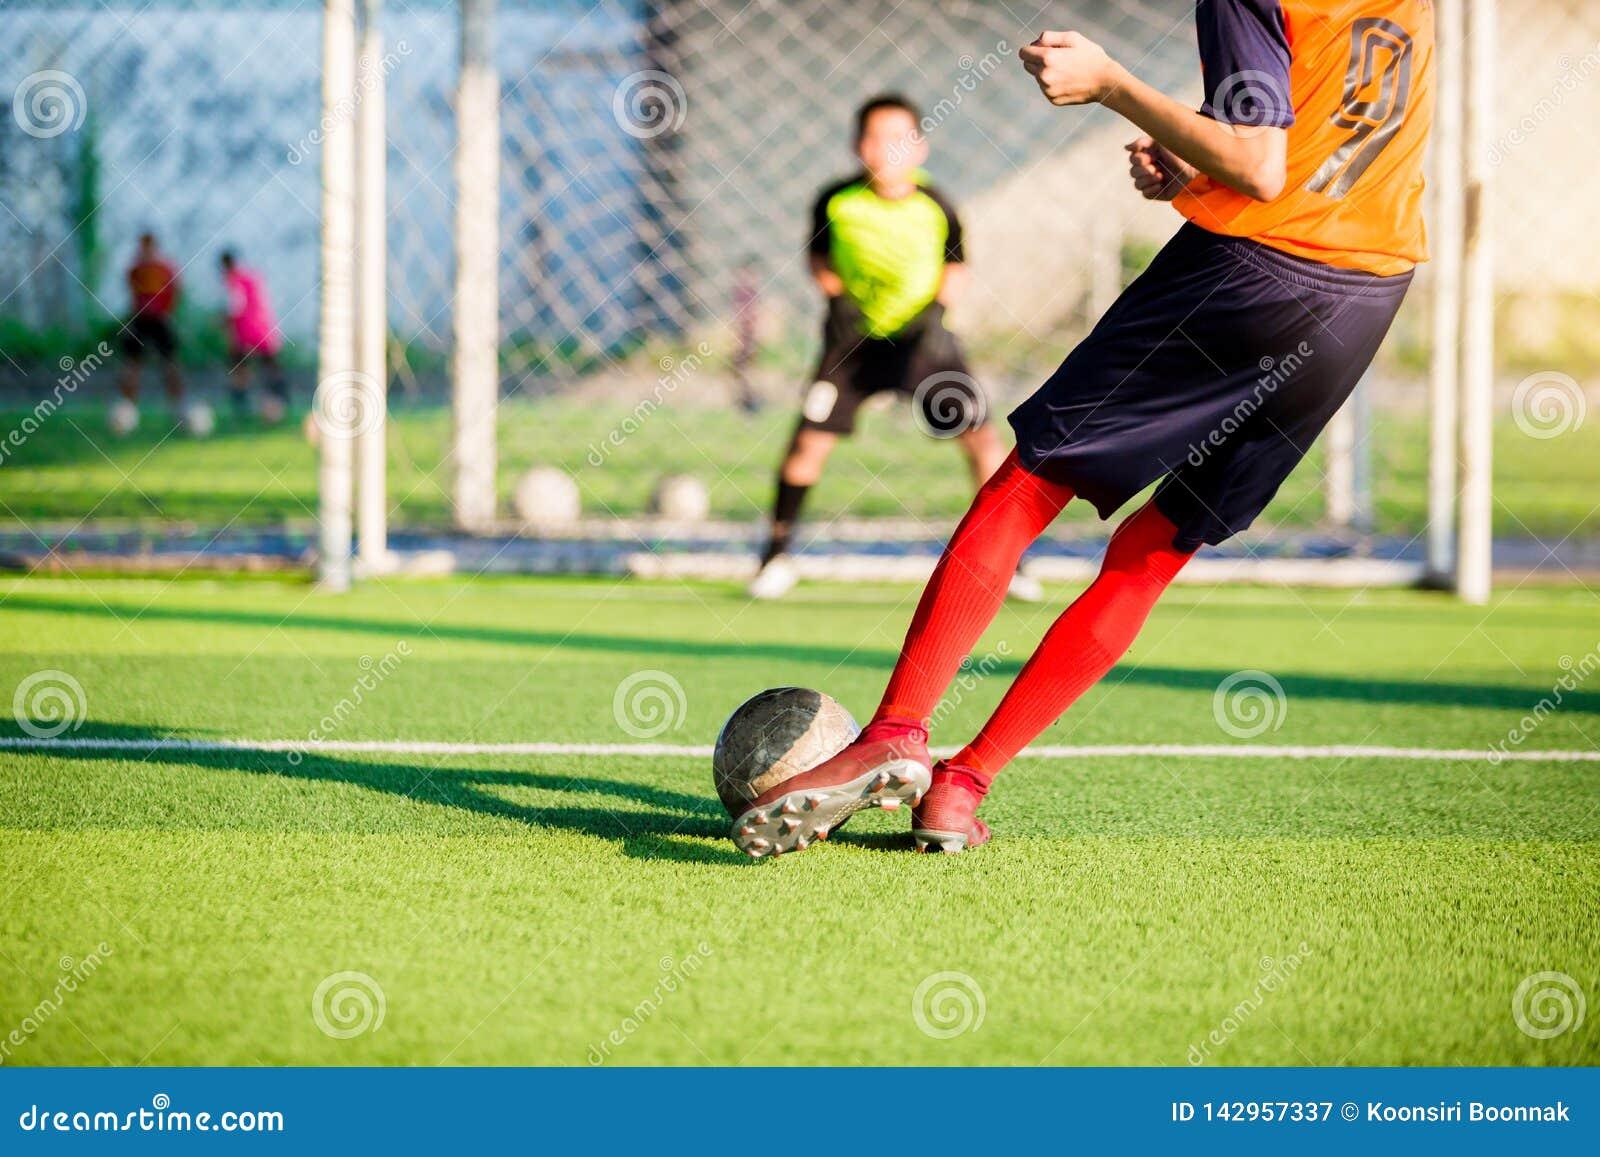 Corrida do jogador de futebol para disparar na bola no pontapé de grande penalidade ao objetivo com fundo obscuro do goleiros